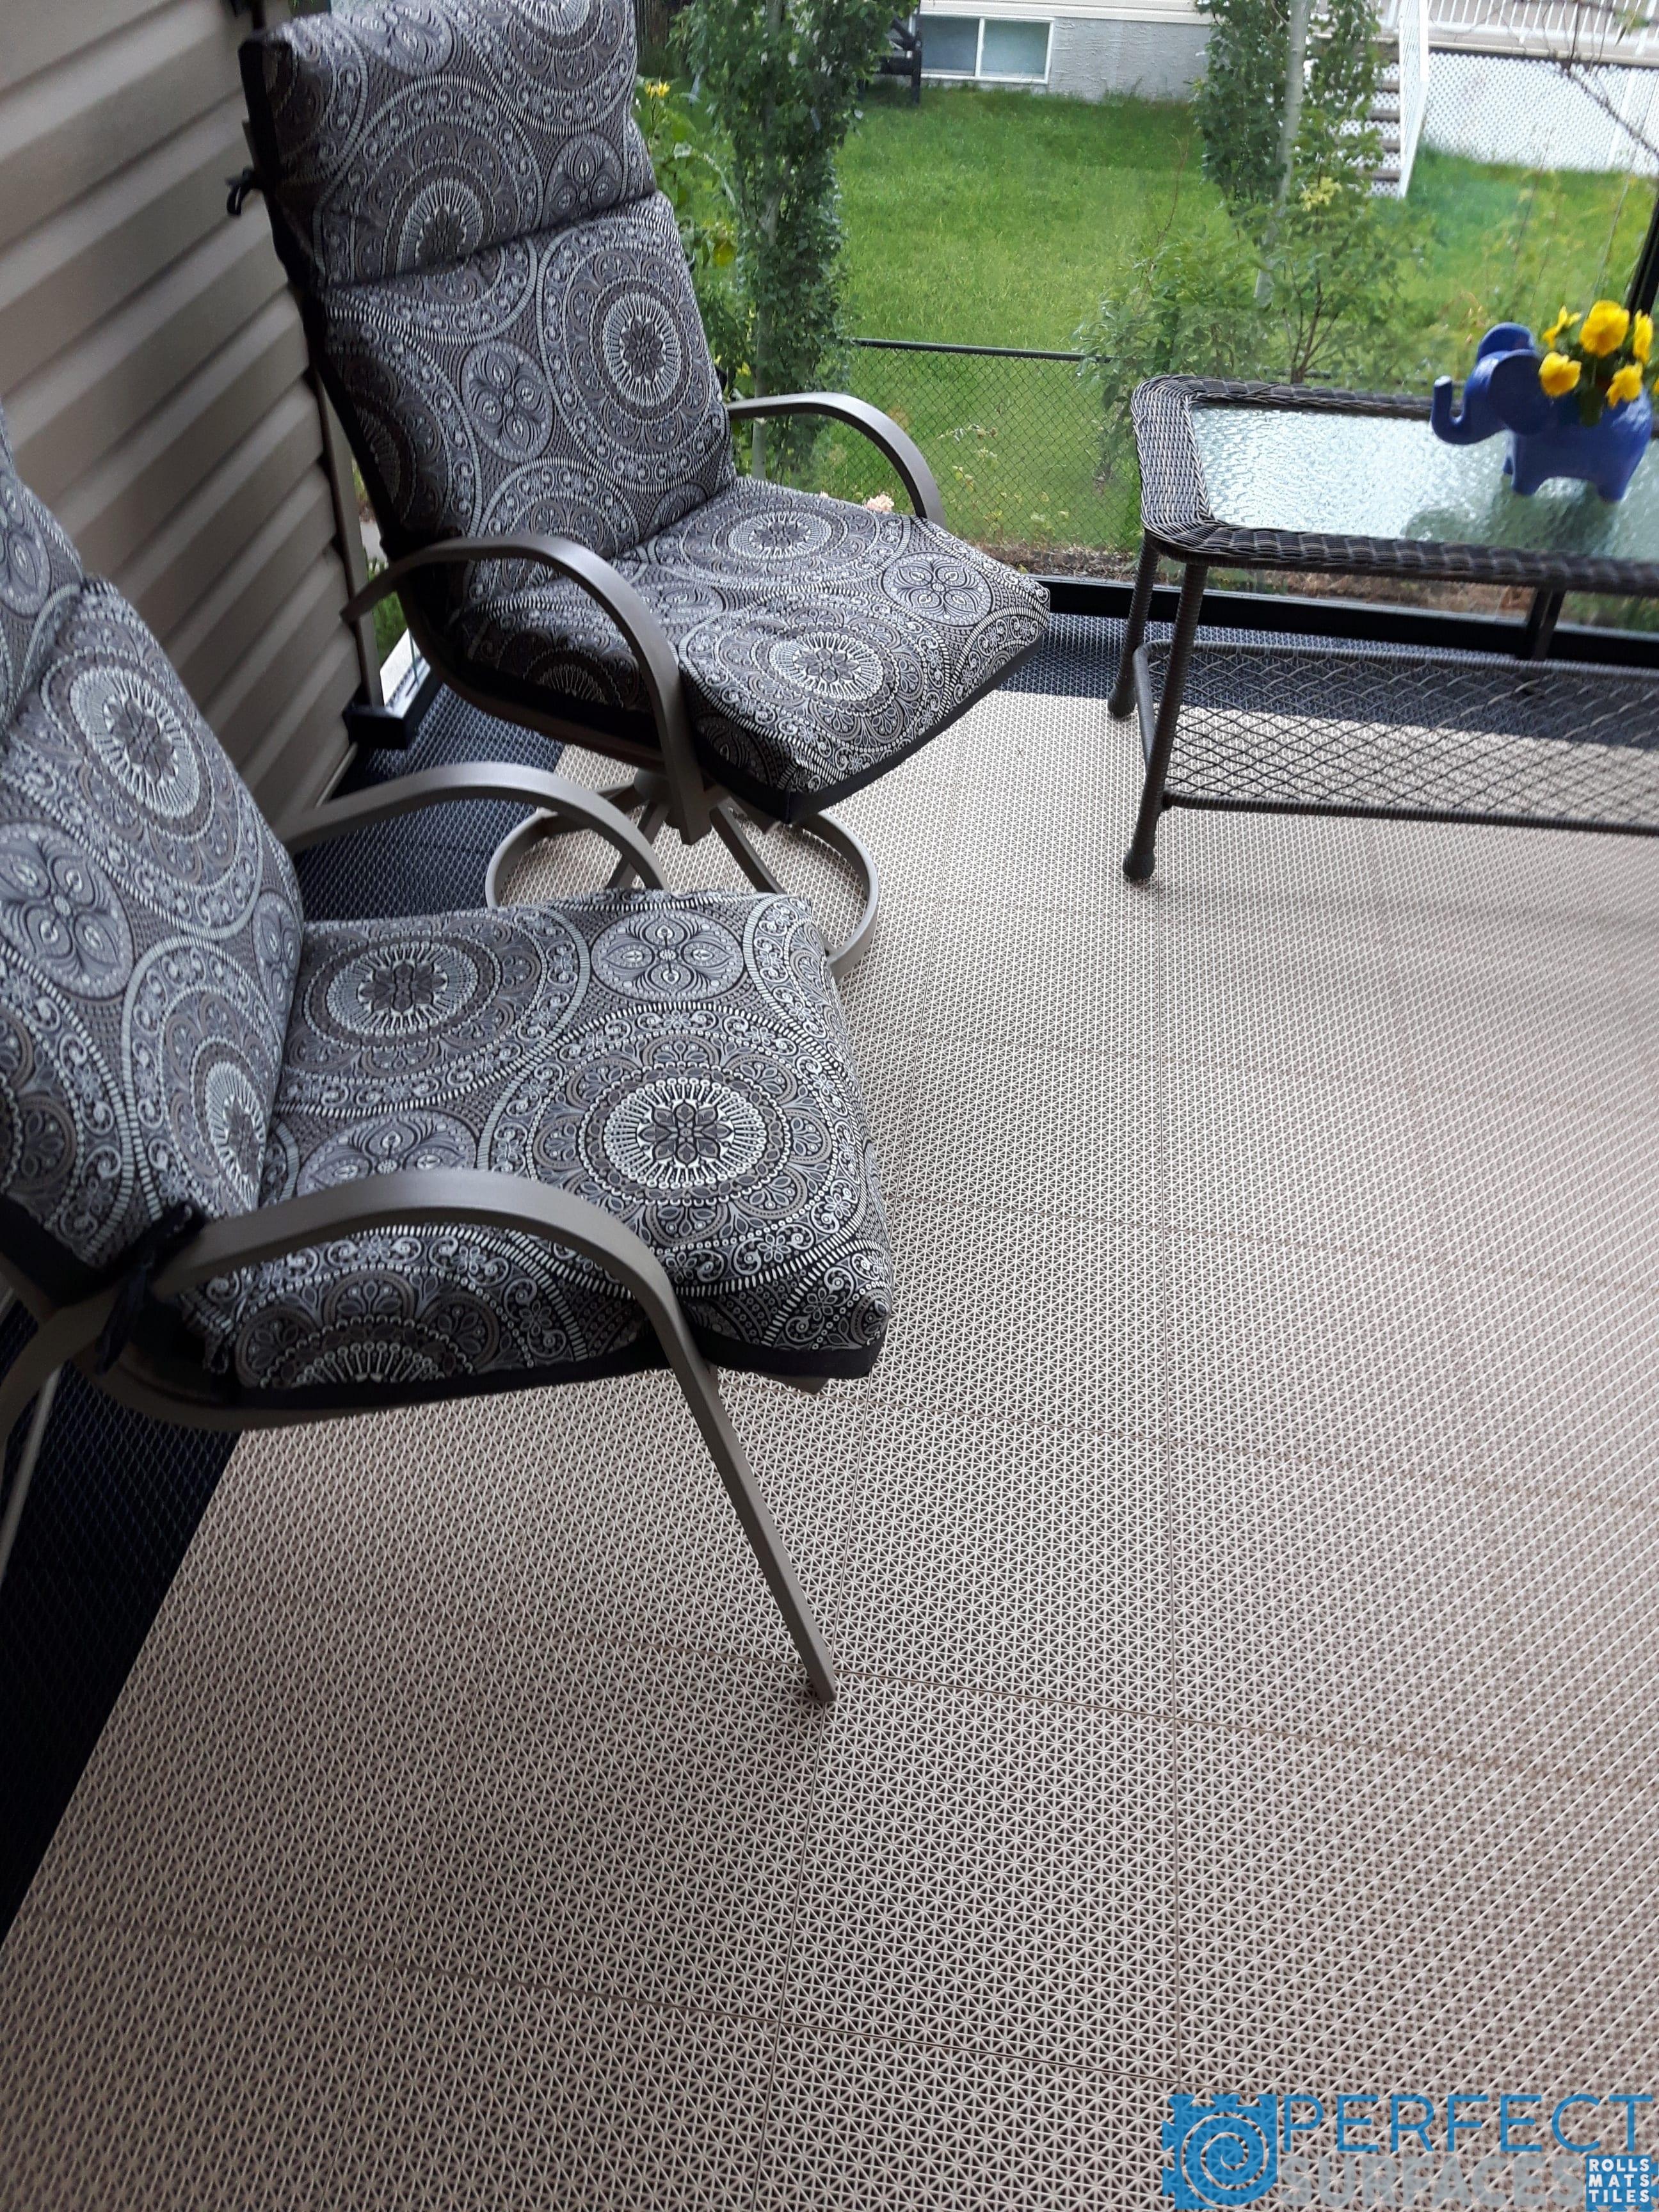 Duragrid Deck Tile Perfect Surfaces